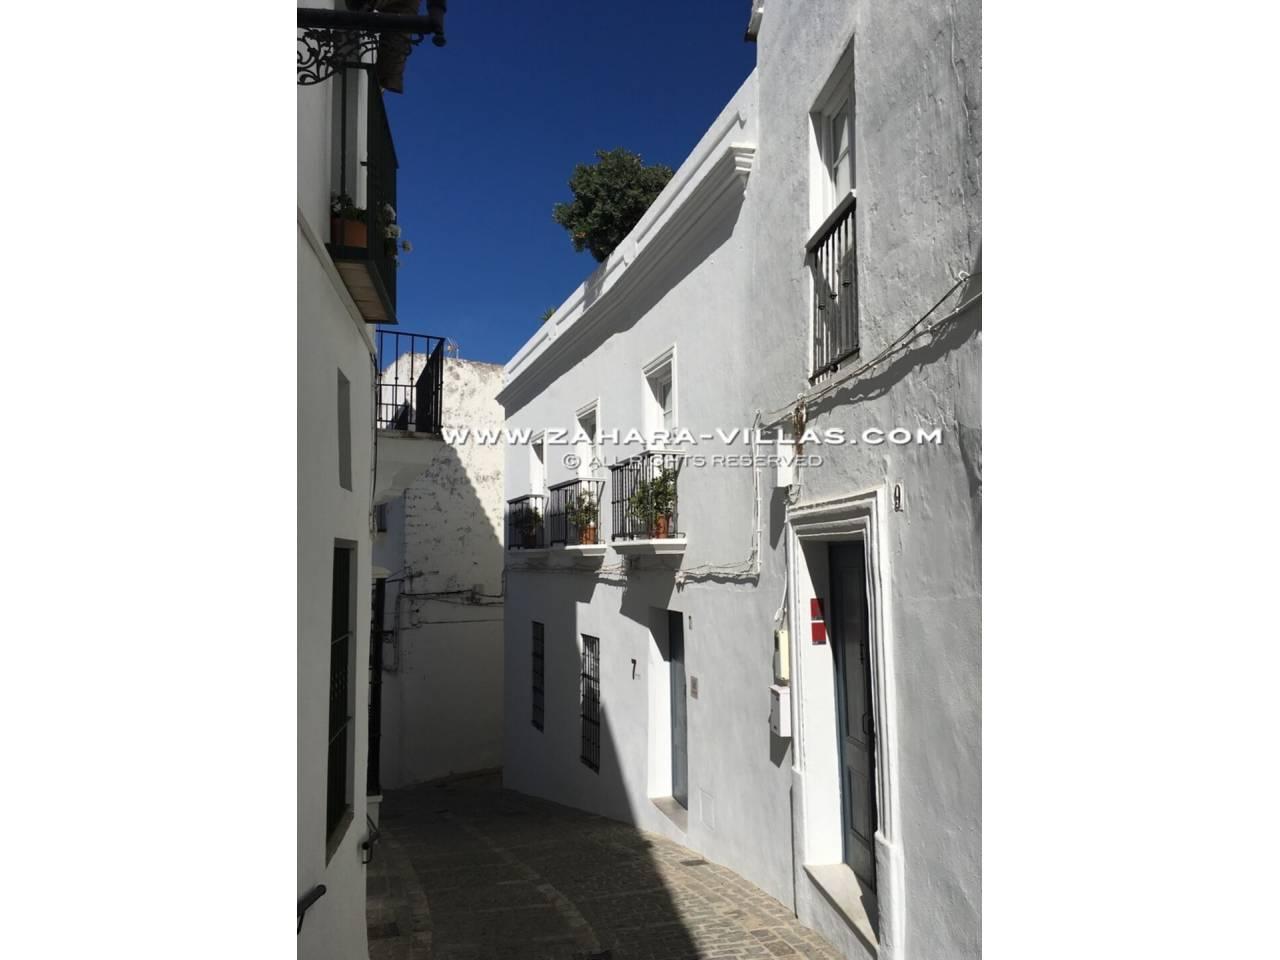 Imagen 42 de Casa-hotel en el centro del casco antiguo de Vejer de la Frontera a 12 minutos de la playa